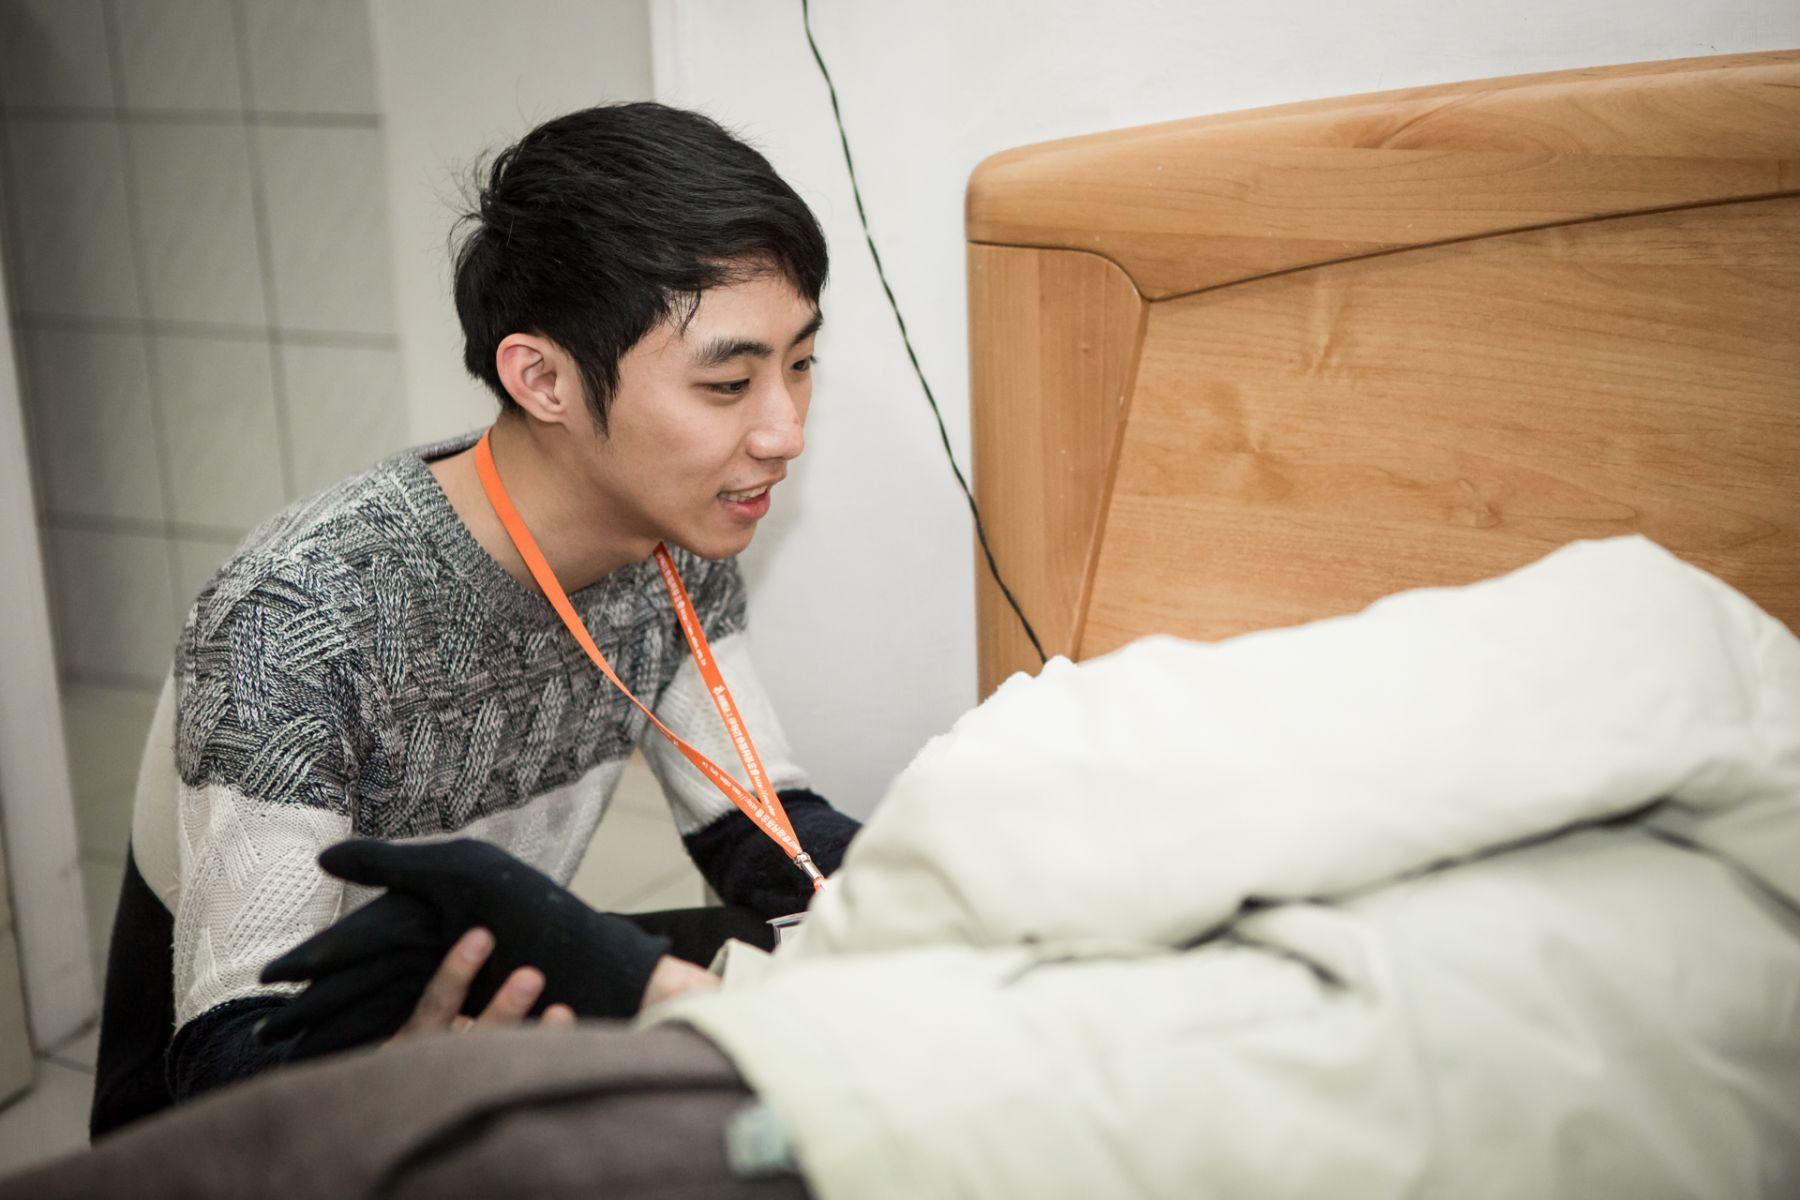 李孟峻更決定大學選擇老人服務管理系就讀,就想為外公盡多一點心力。